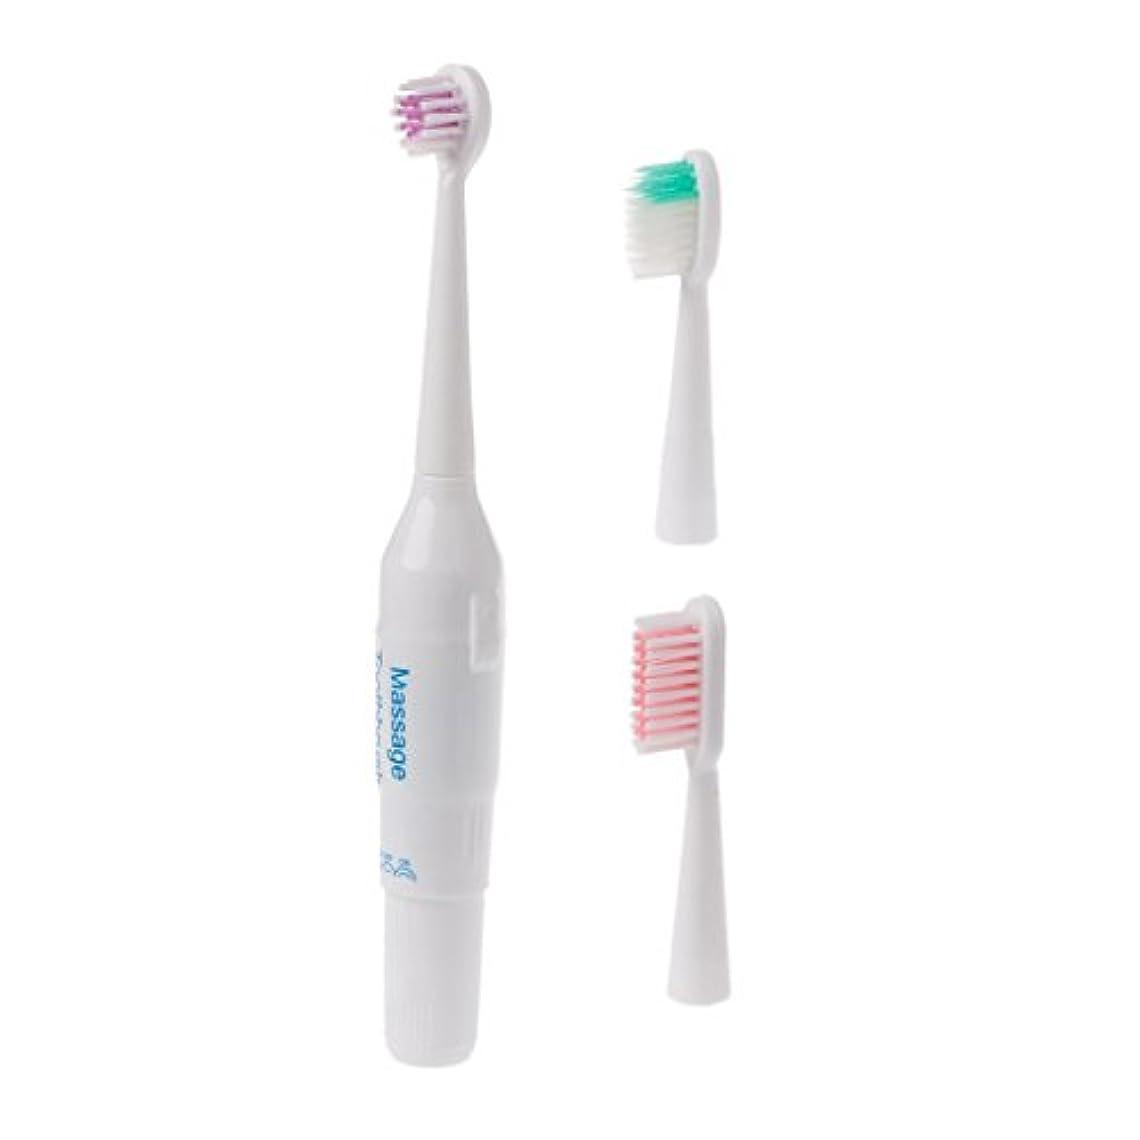 尋ねるハム遊具Manyao キッズプロフェッショナル口腔ケアクリーン電気歯ブラシパワーベビー用歯ブラシ